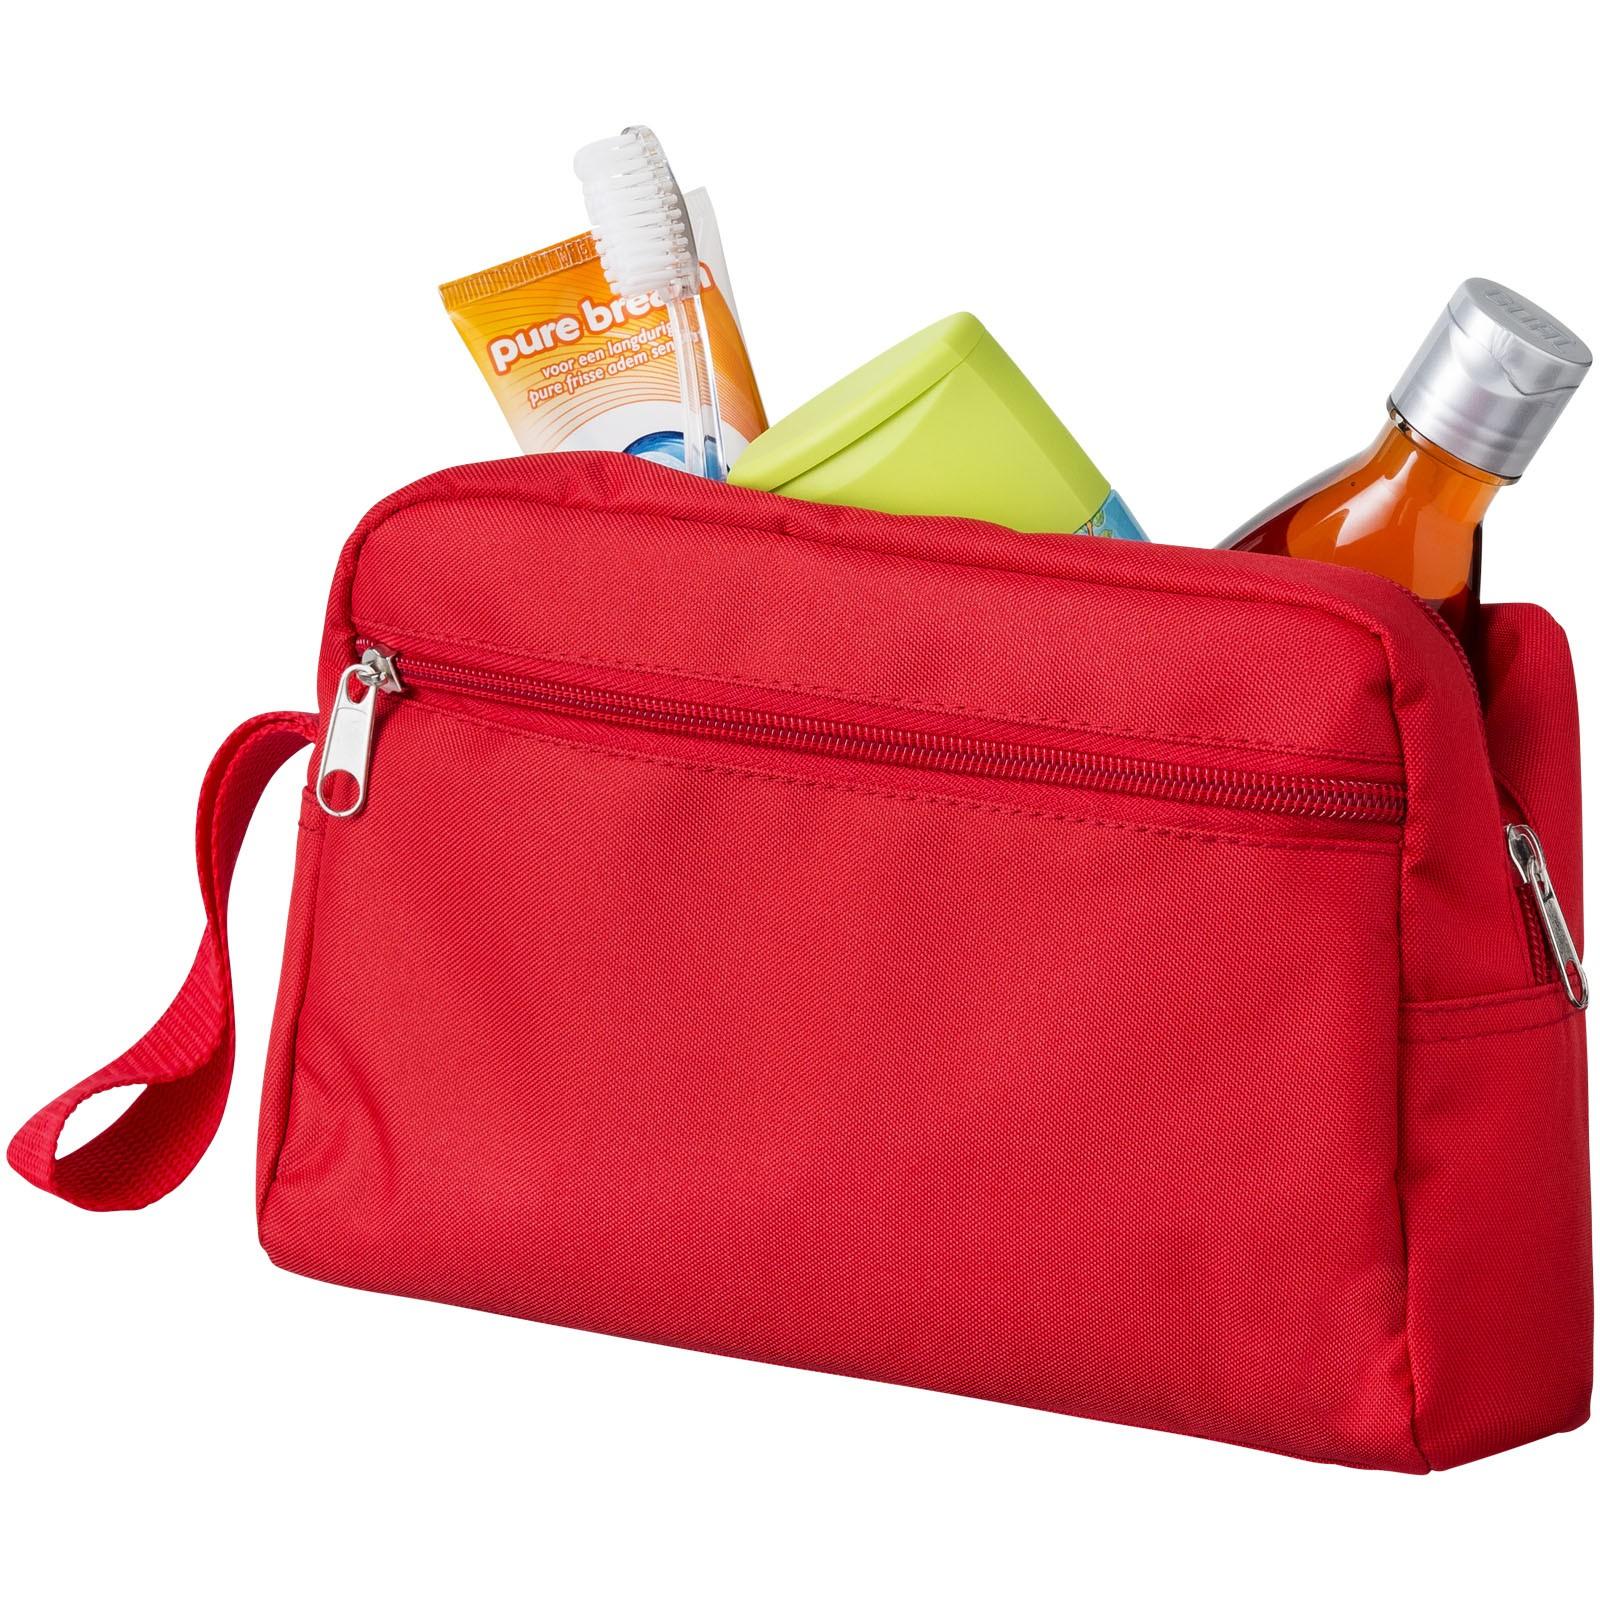 Transit toiletry bag - Red